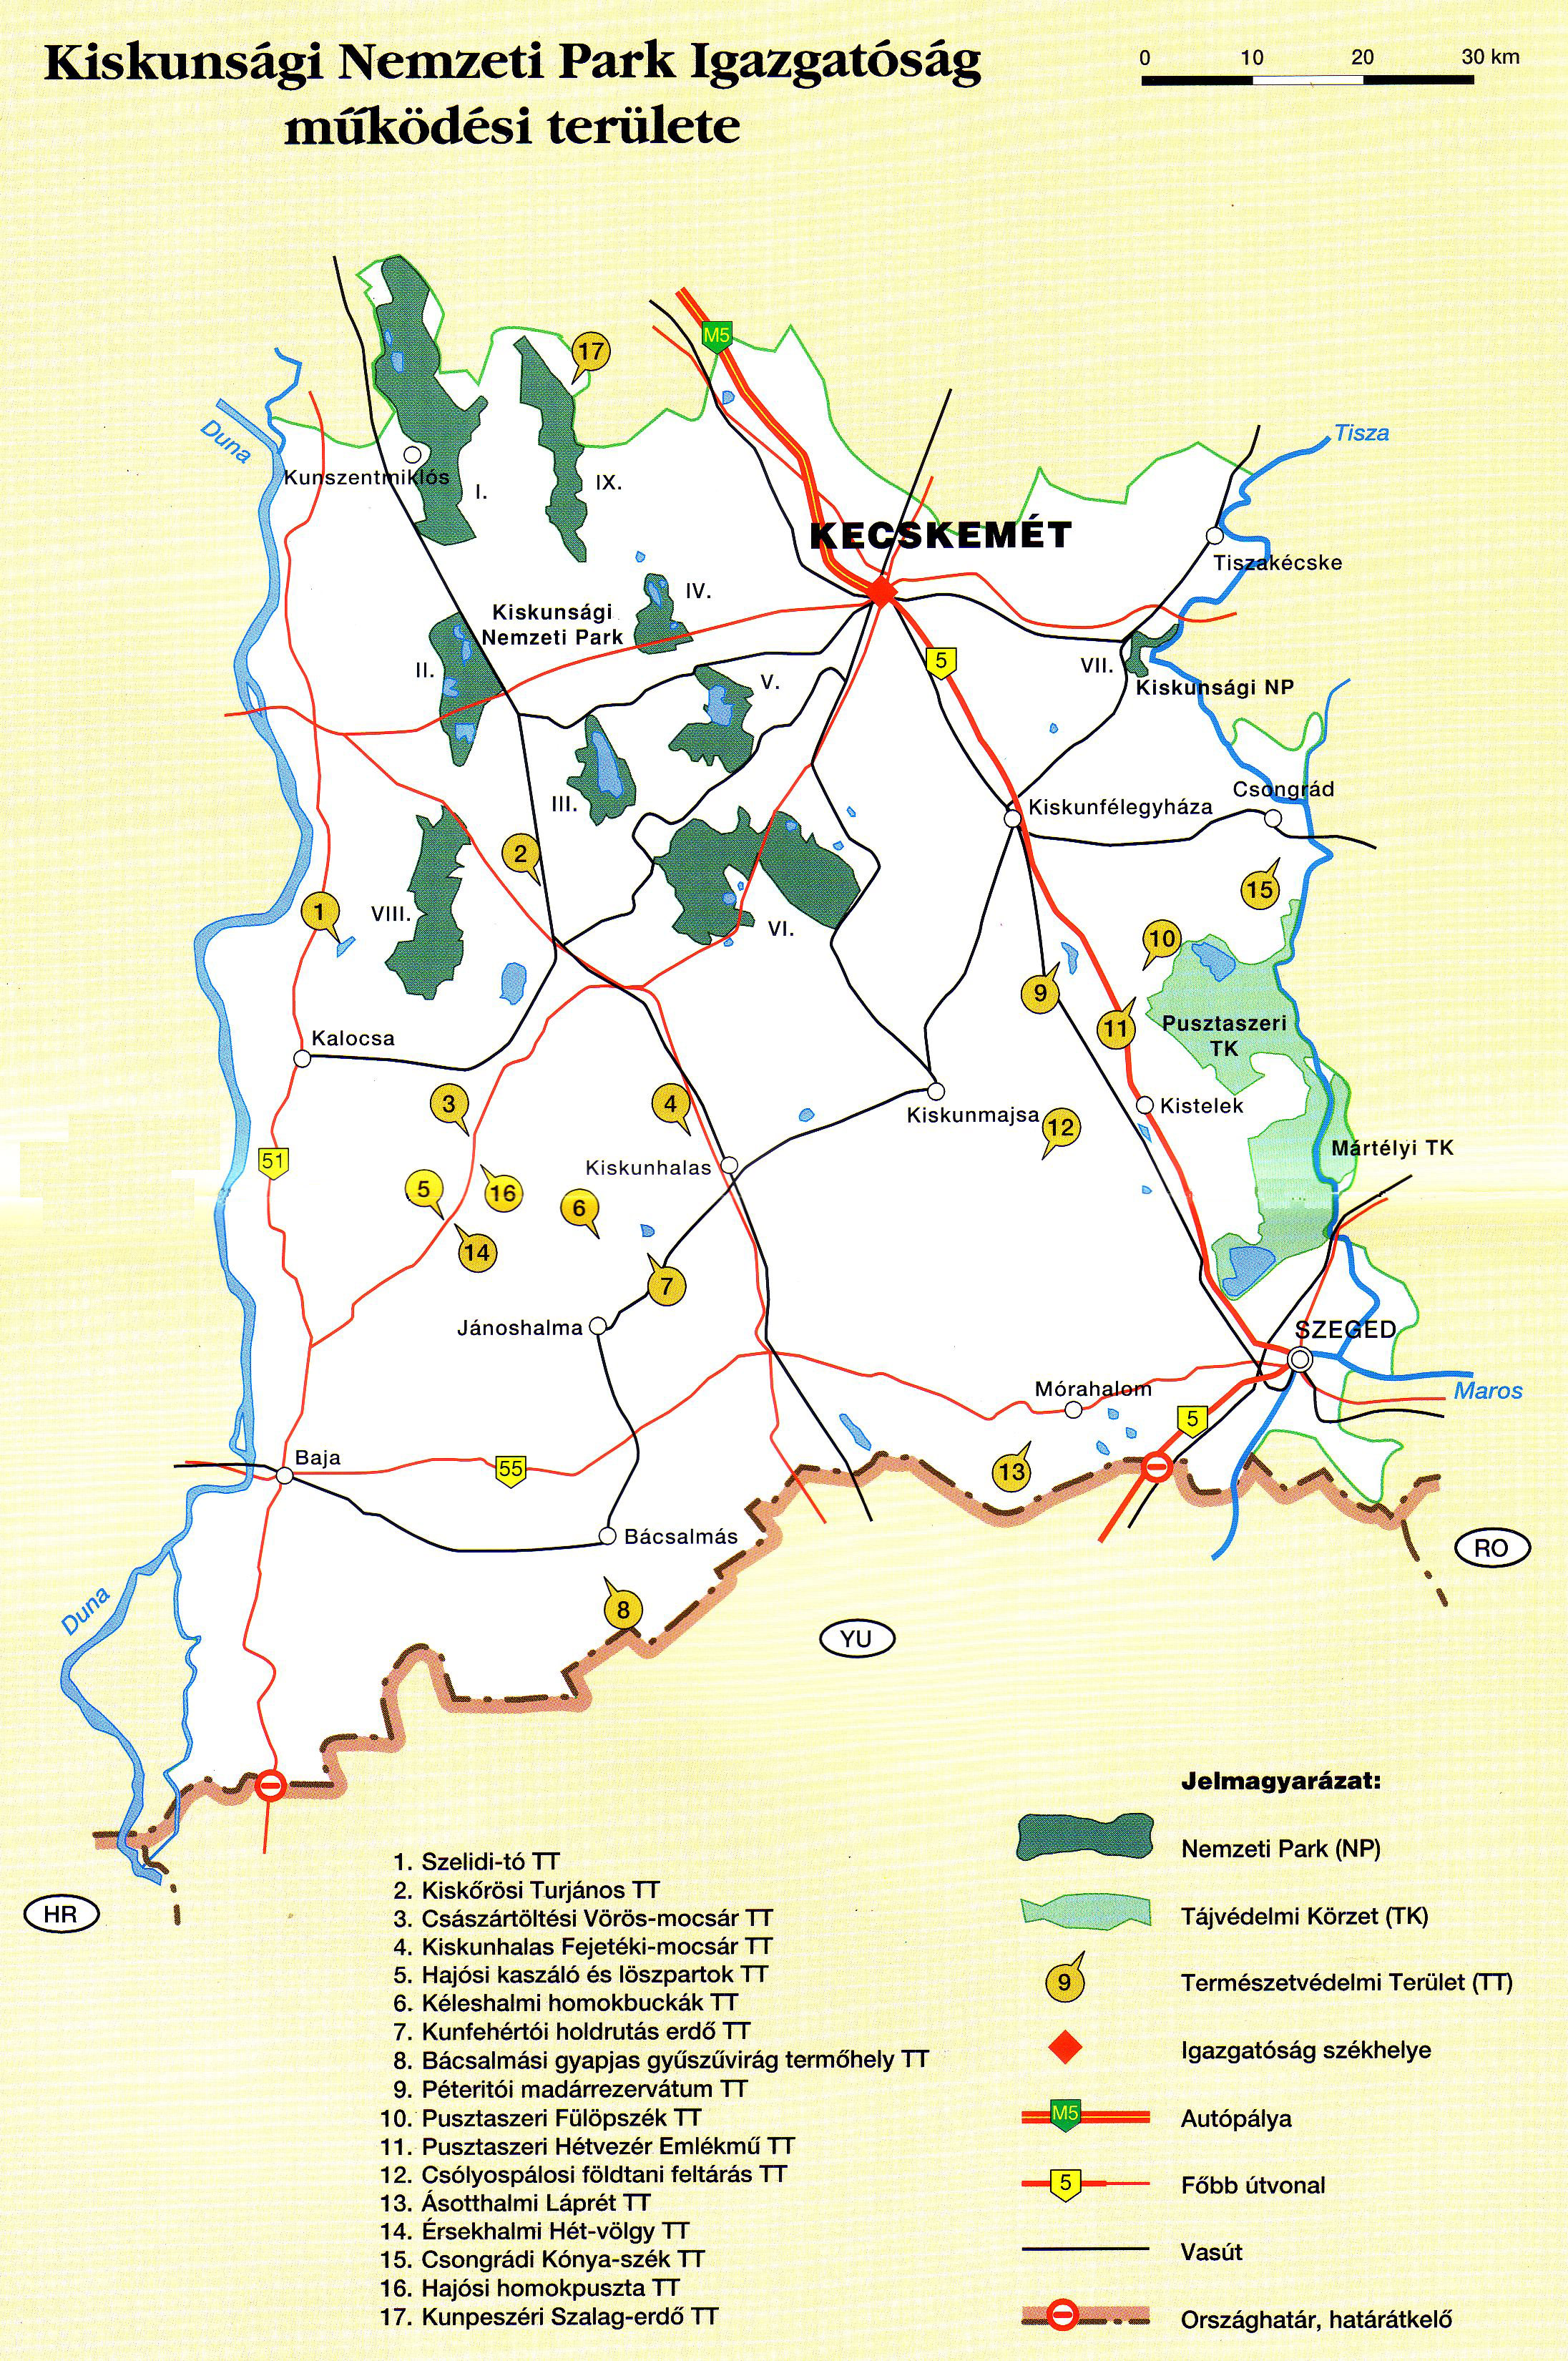 Kiskunsági Nemzeti Park térképen